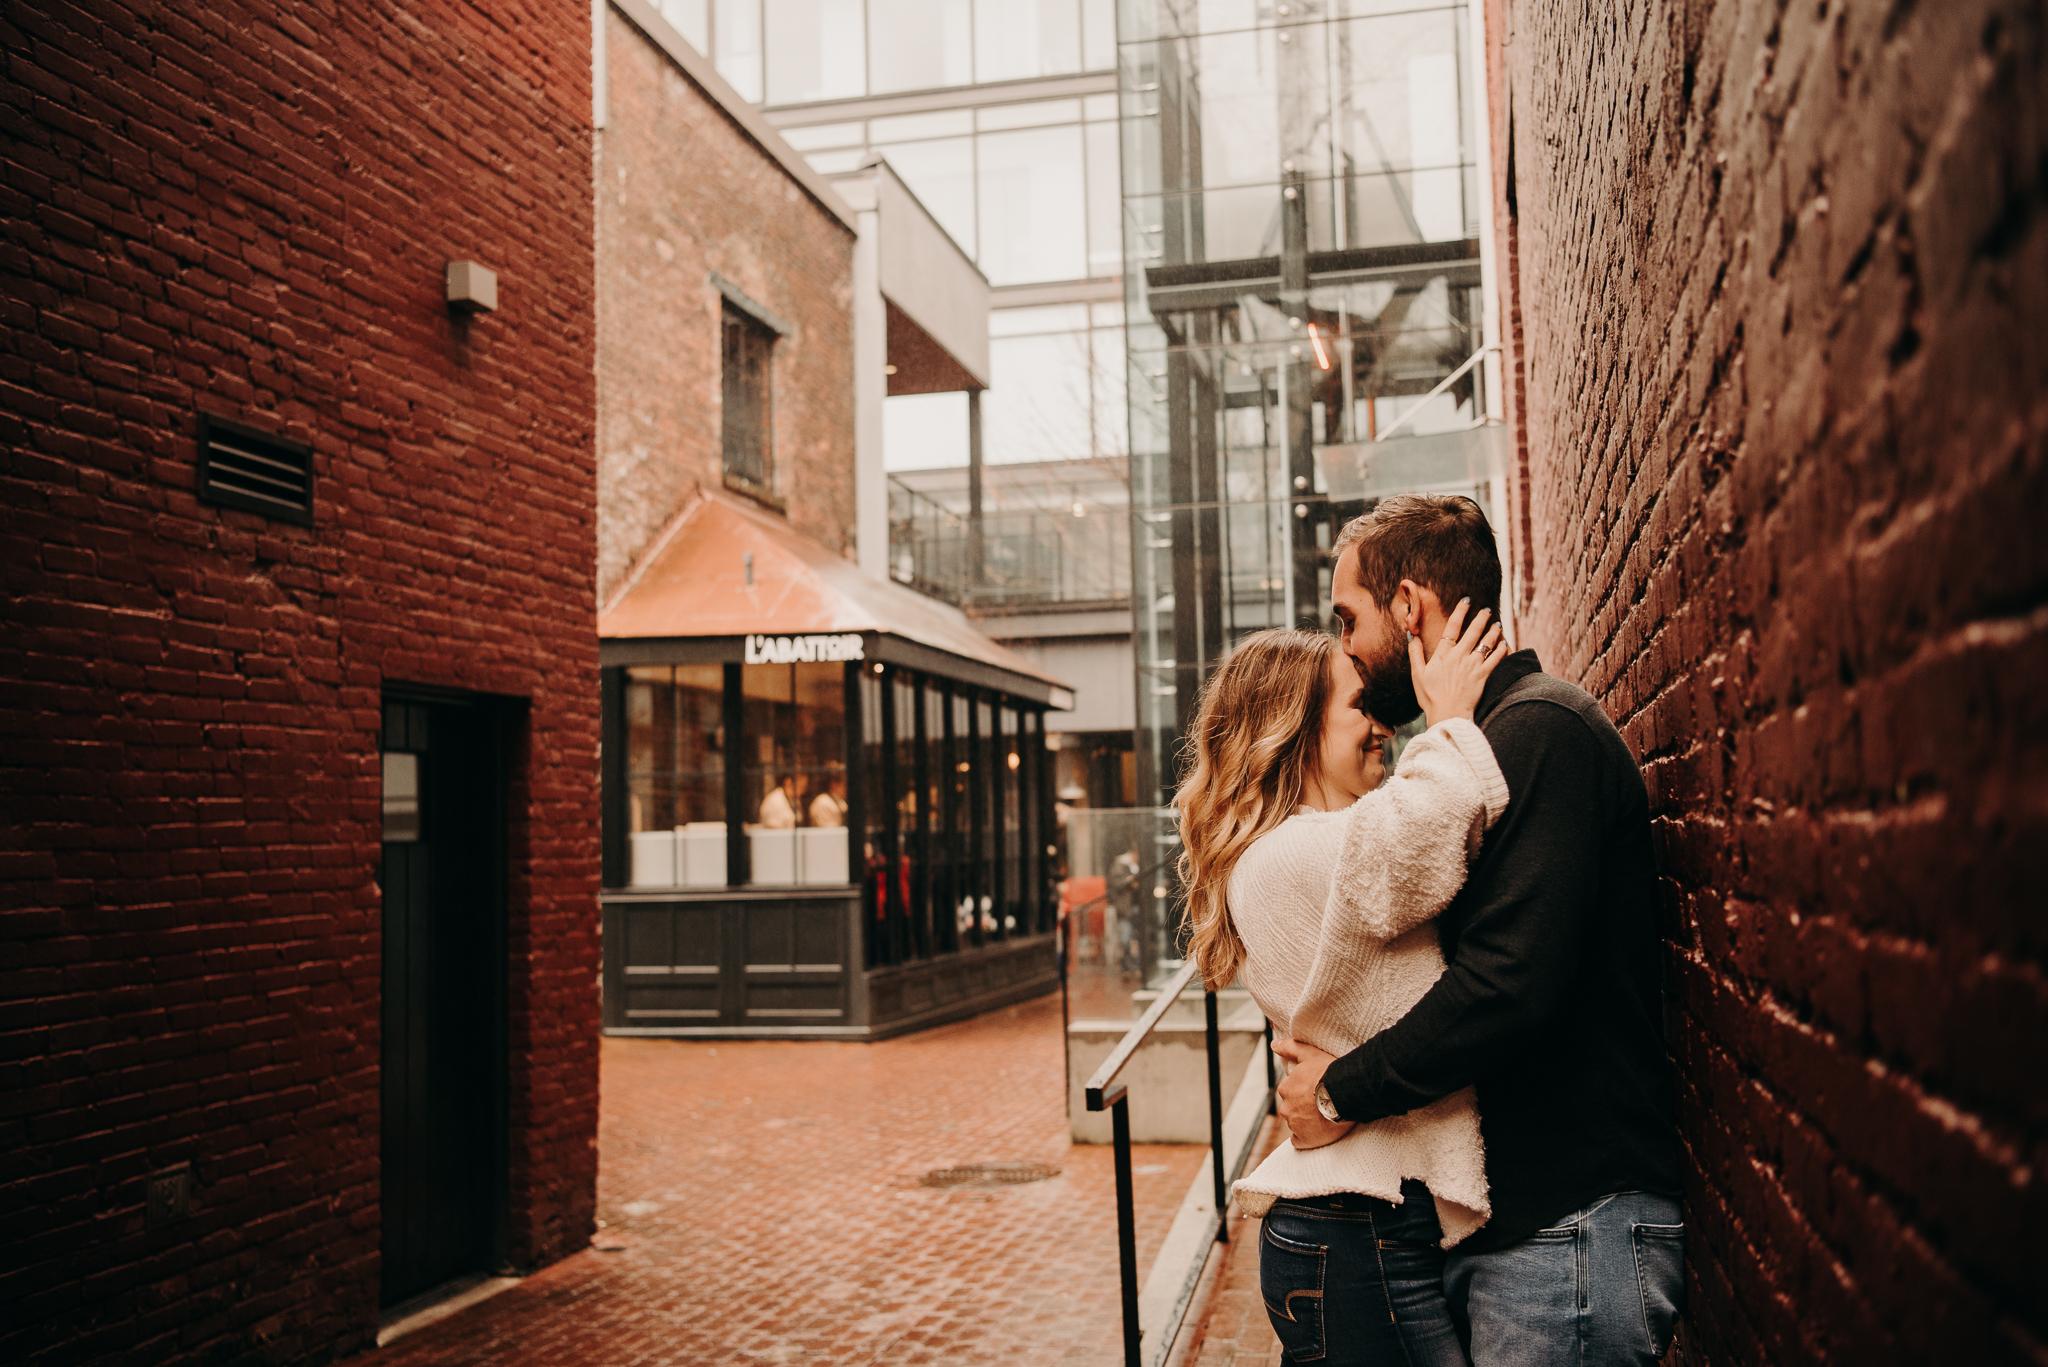 Amanda & Eric Gastown Vancouver Engagement Session - Laura Olson Photography - Sunshine Coast BC Photographer - Vancouver Photographer-2153.jpg